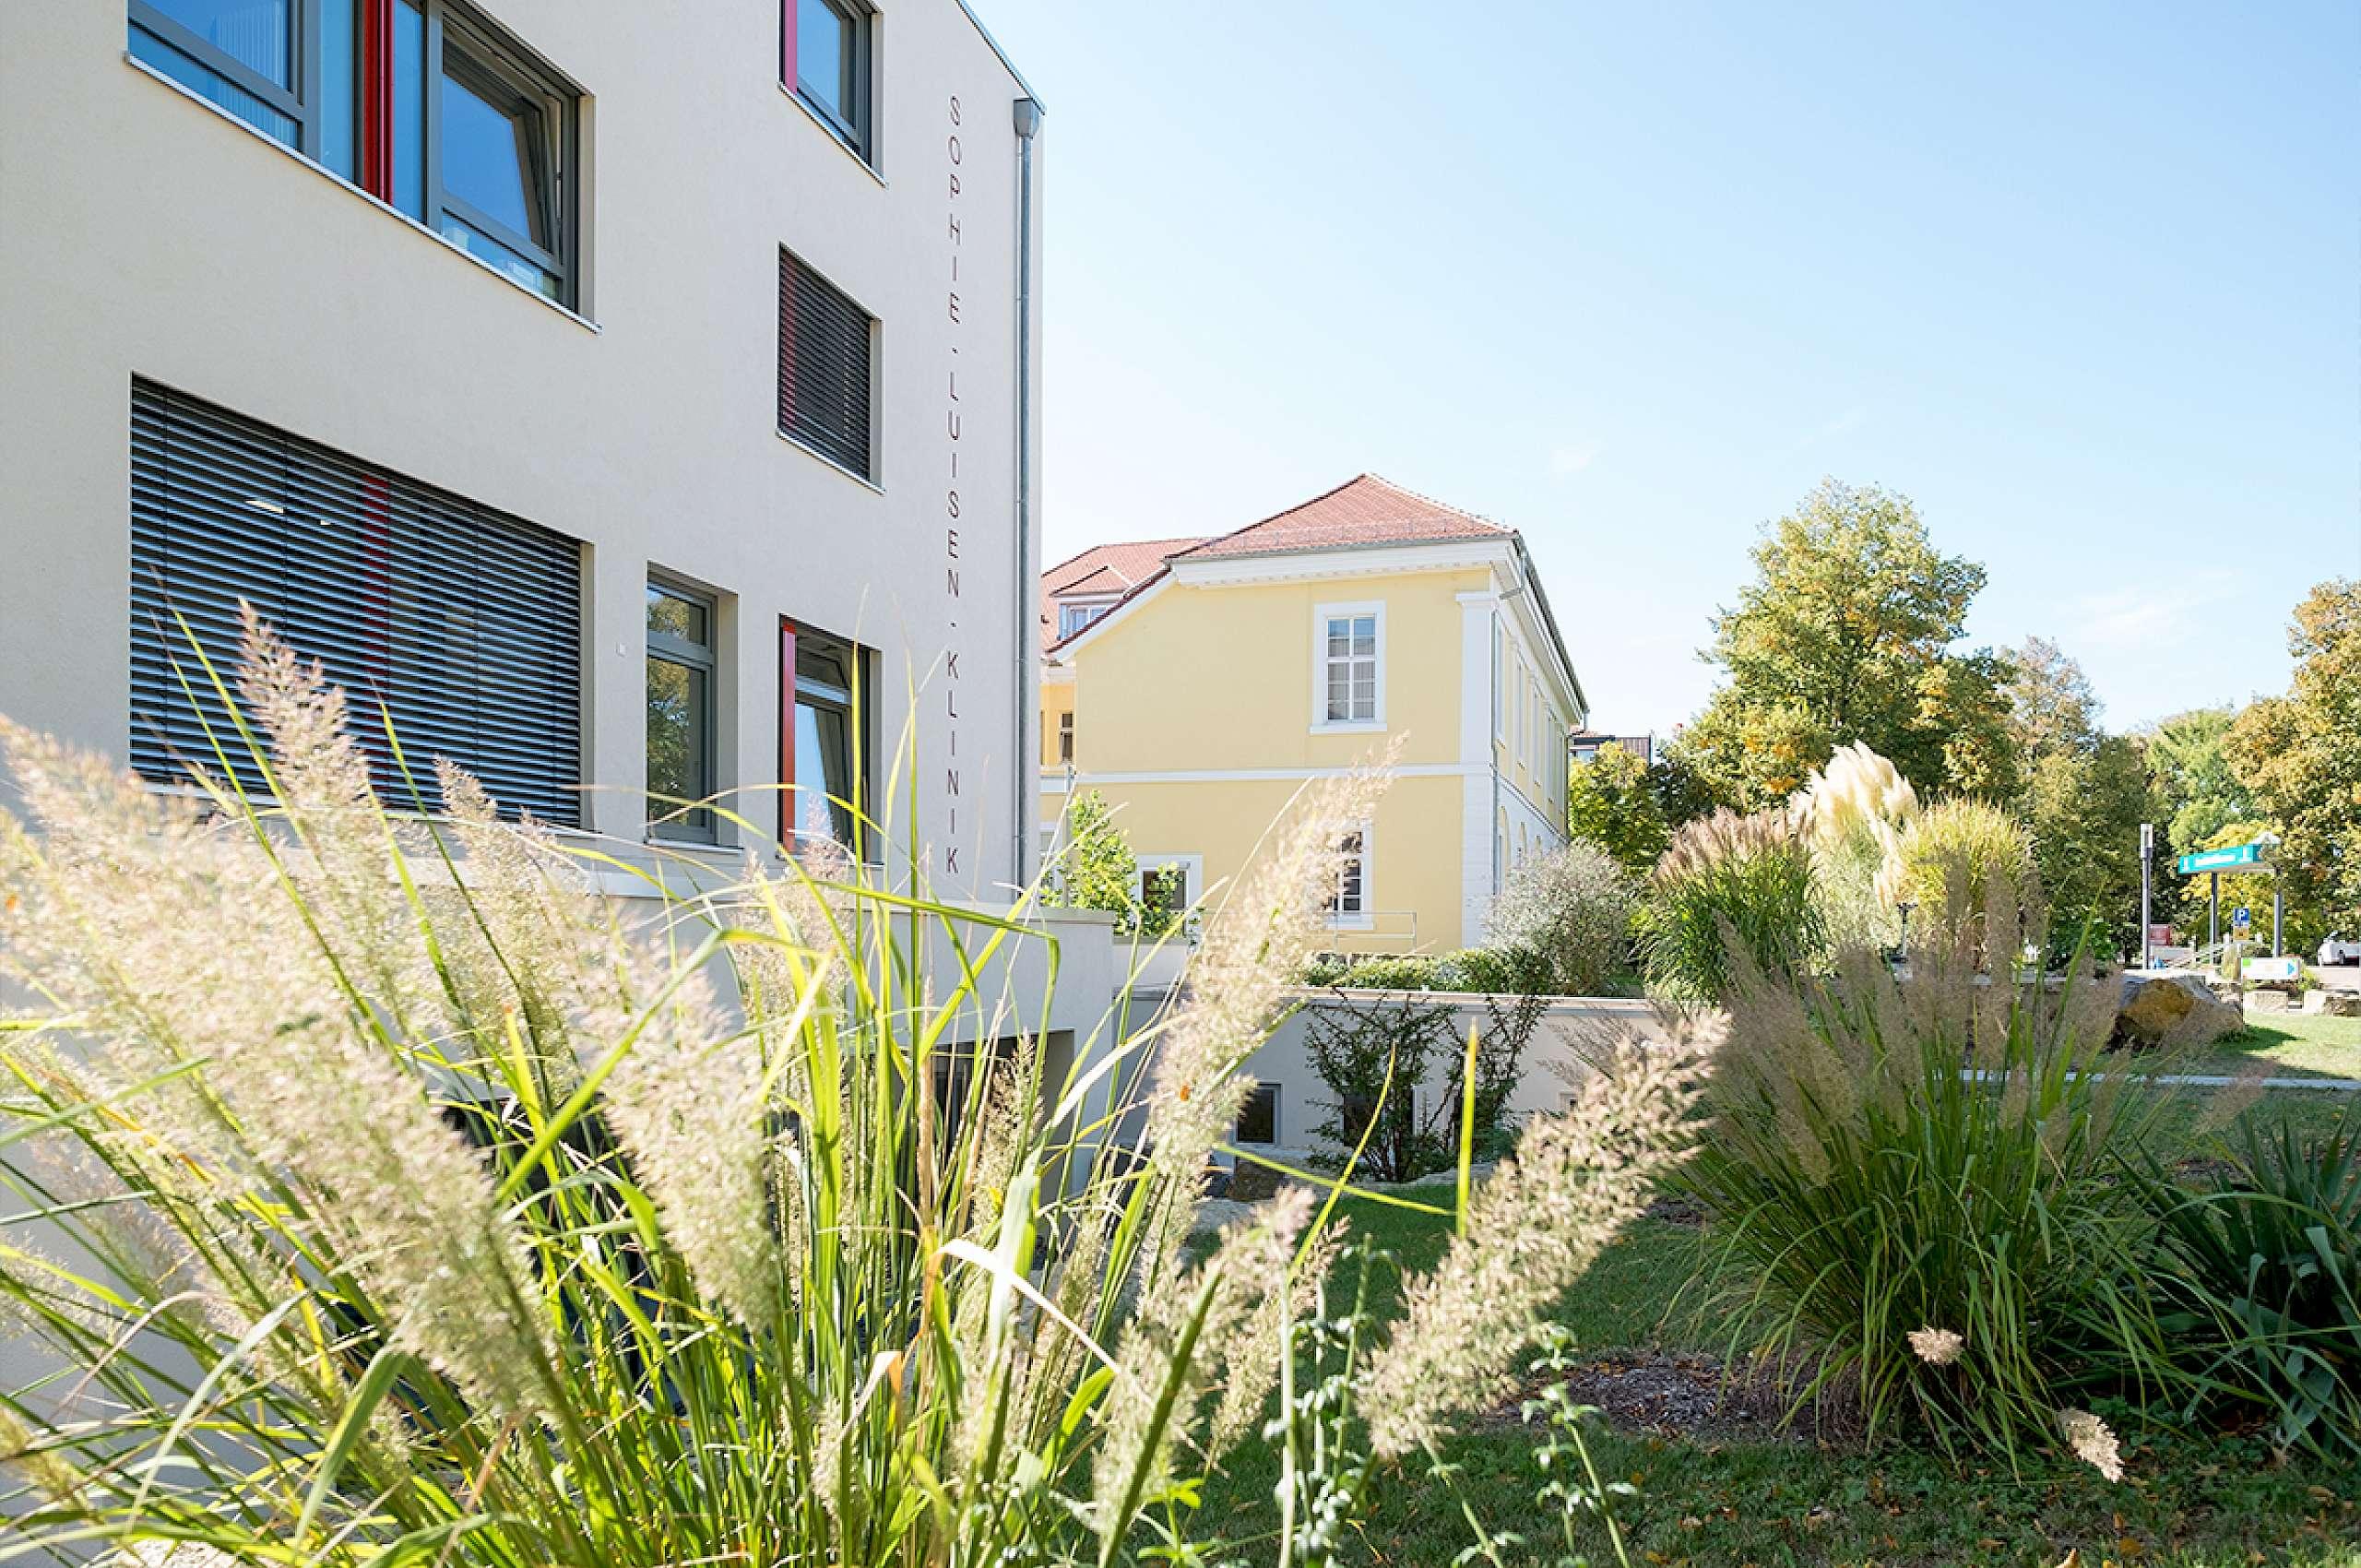 Sophie-Luisen-Klinik I Reha Klinik für Geriatrie in Bad